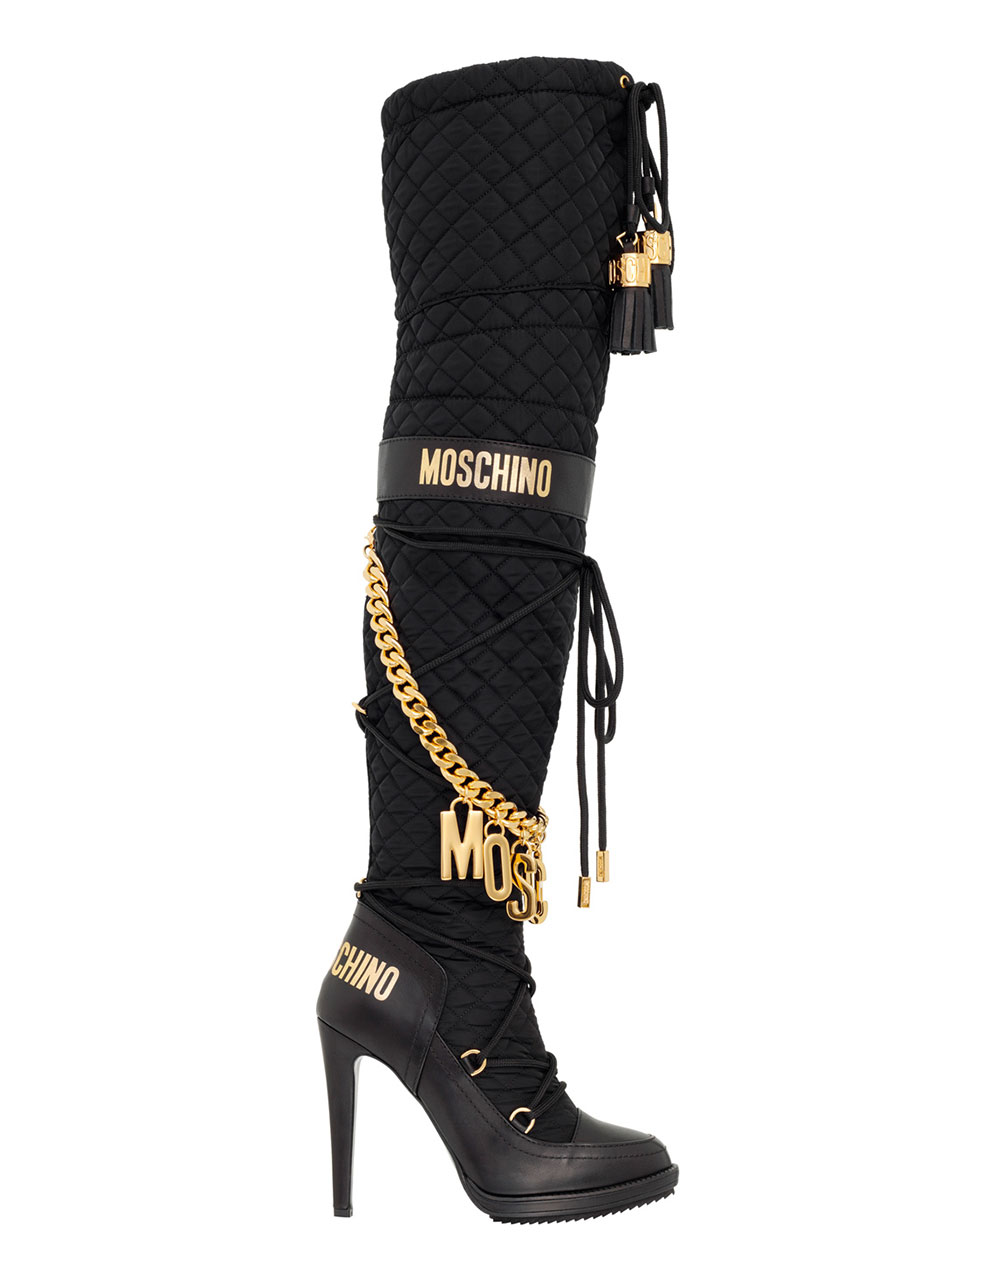 Svarta höga stövlar med klack och guldiga detaljer H&M x Moschino